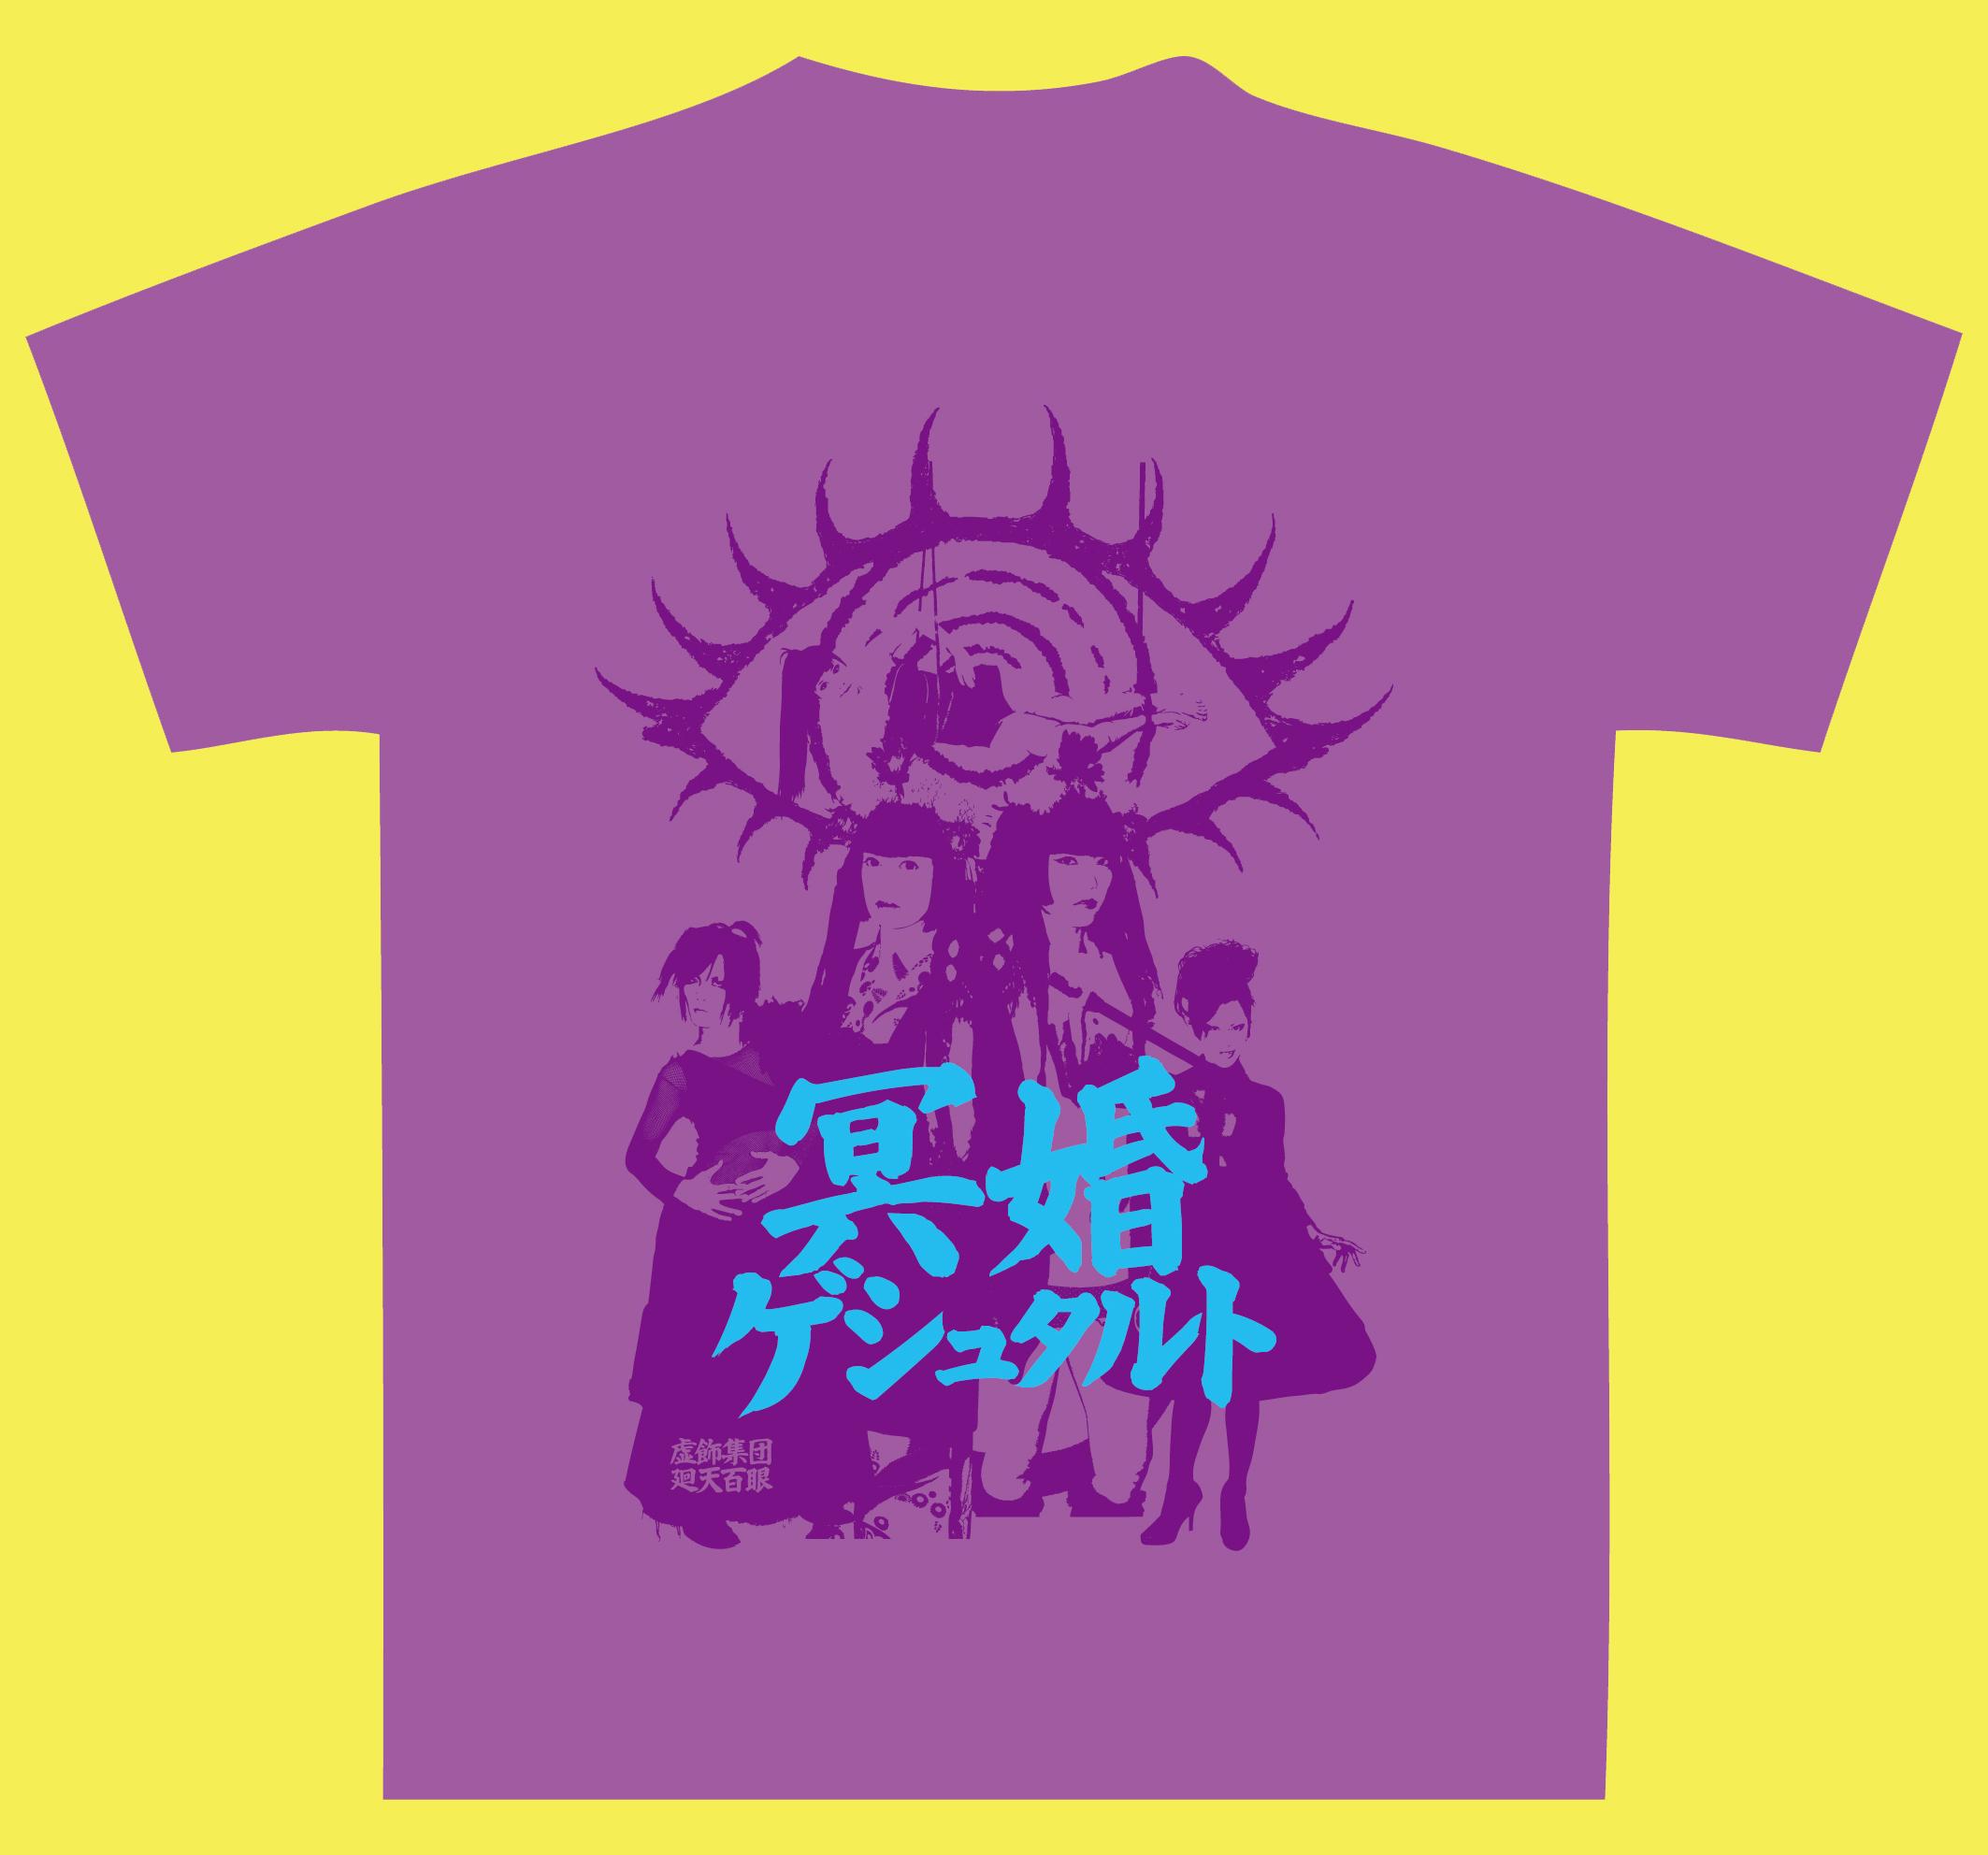 『冥婚ゲシュタルト』Tシャツ(紫)表